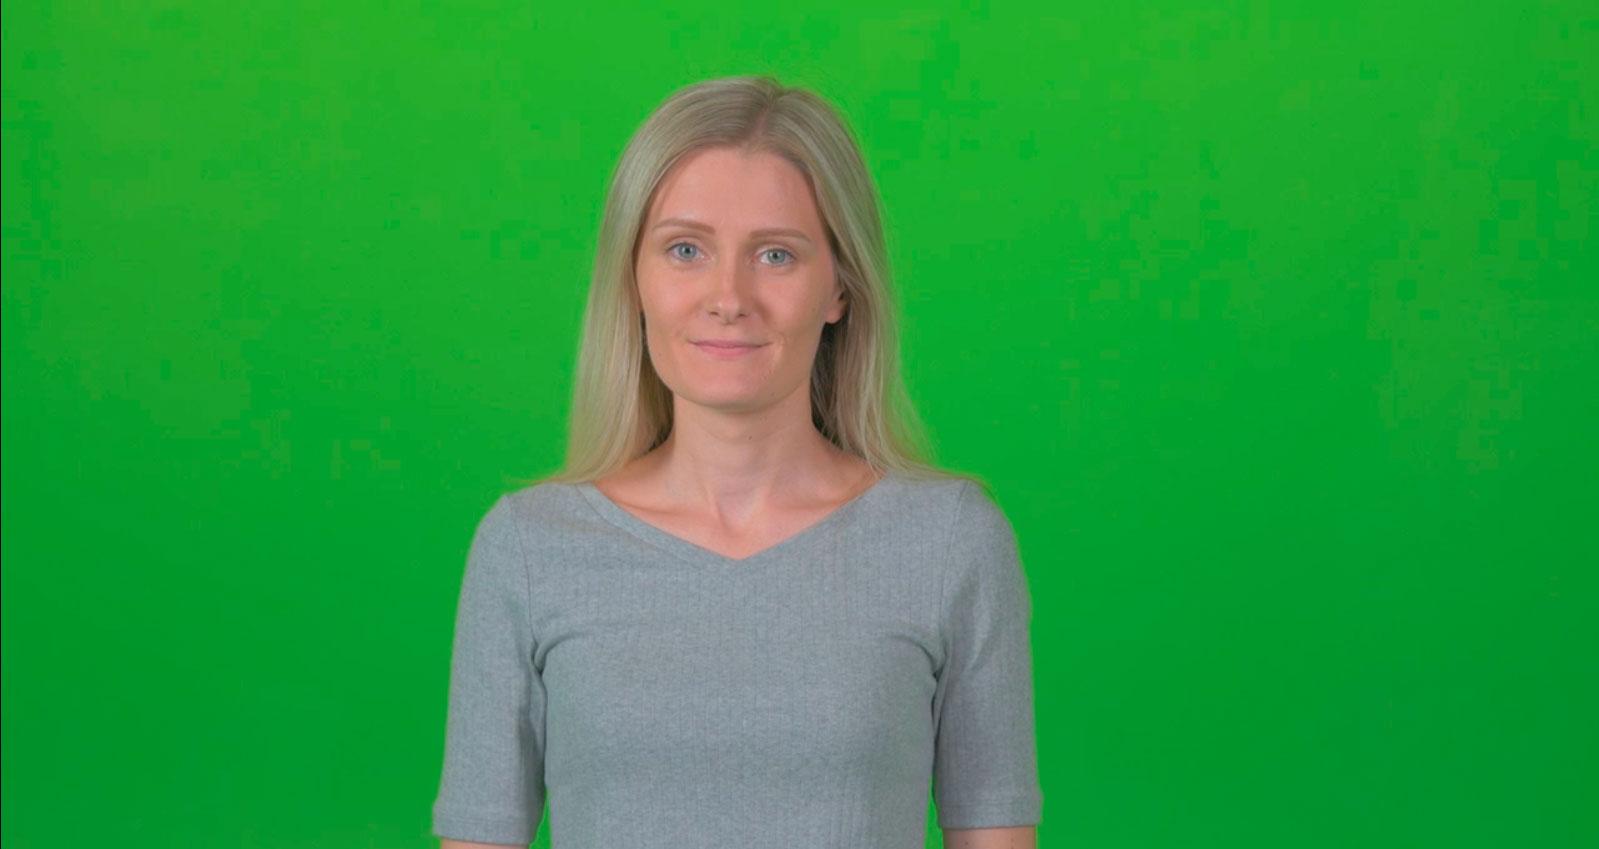 Создание рекламного видео для финансовой компании фото